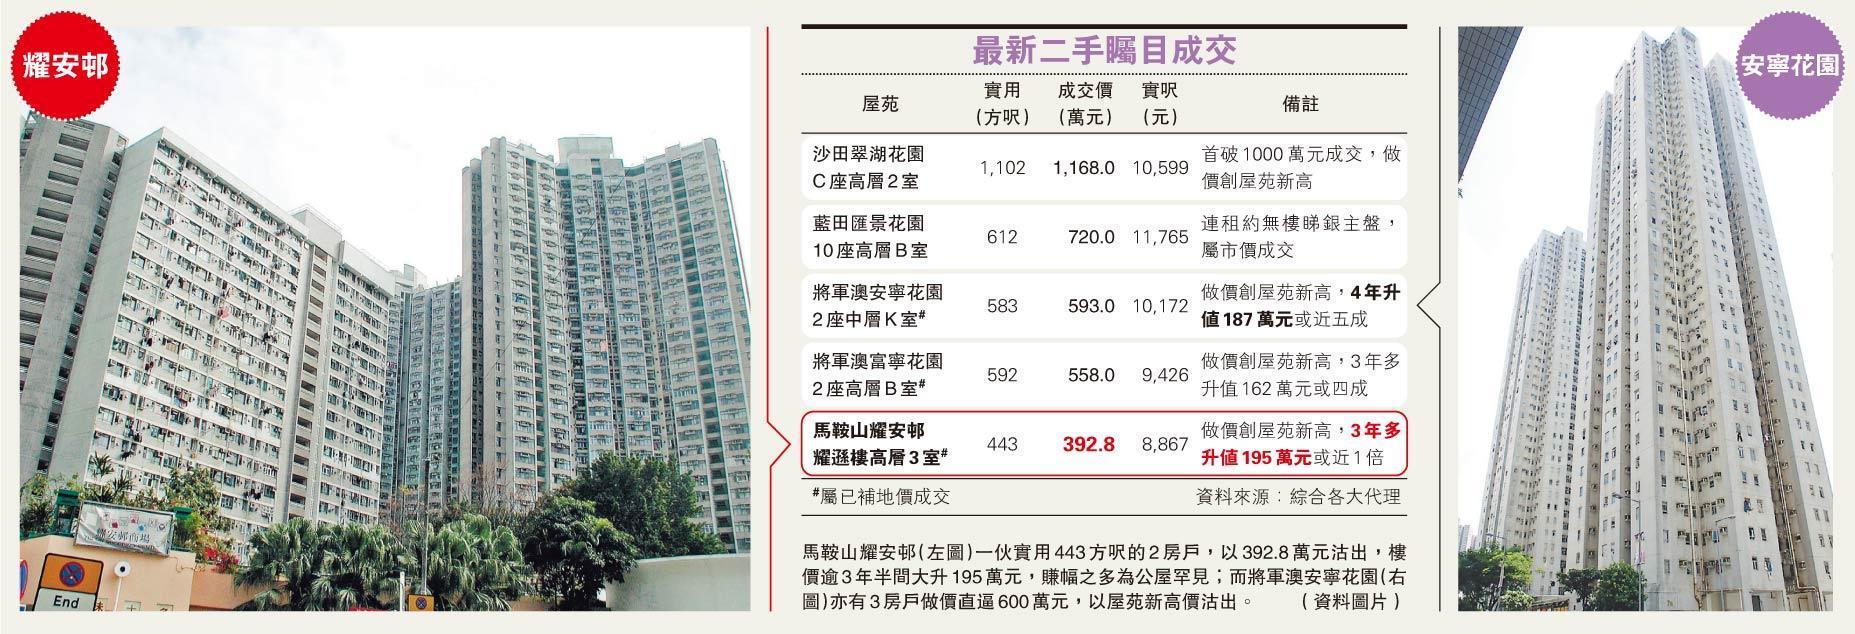 耀安邨逼400萬破頂 3年半升1倍 賺幅驚人 公屋市場罕見